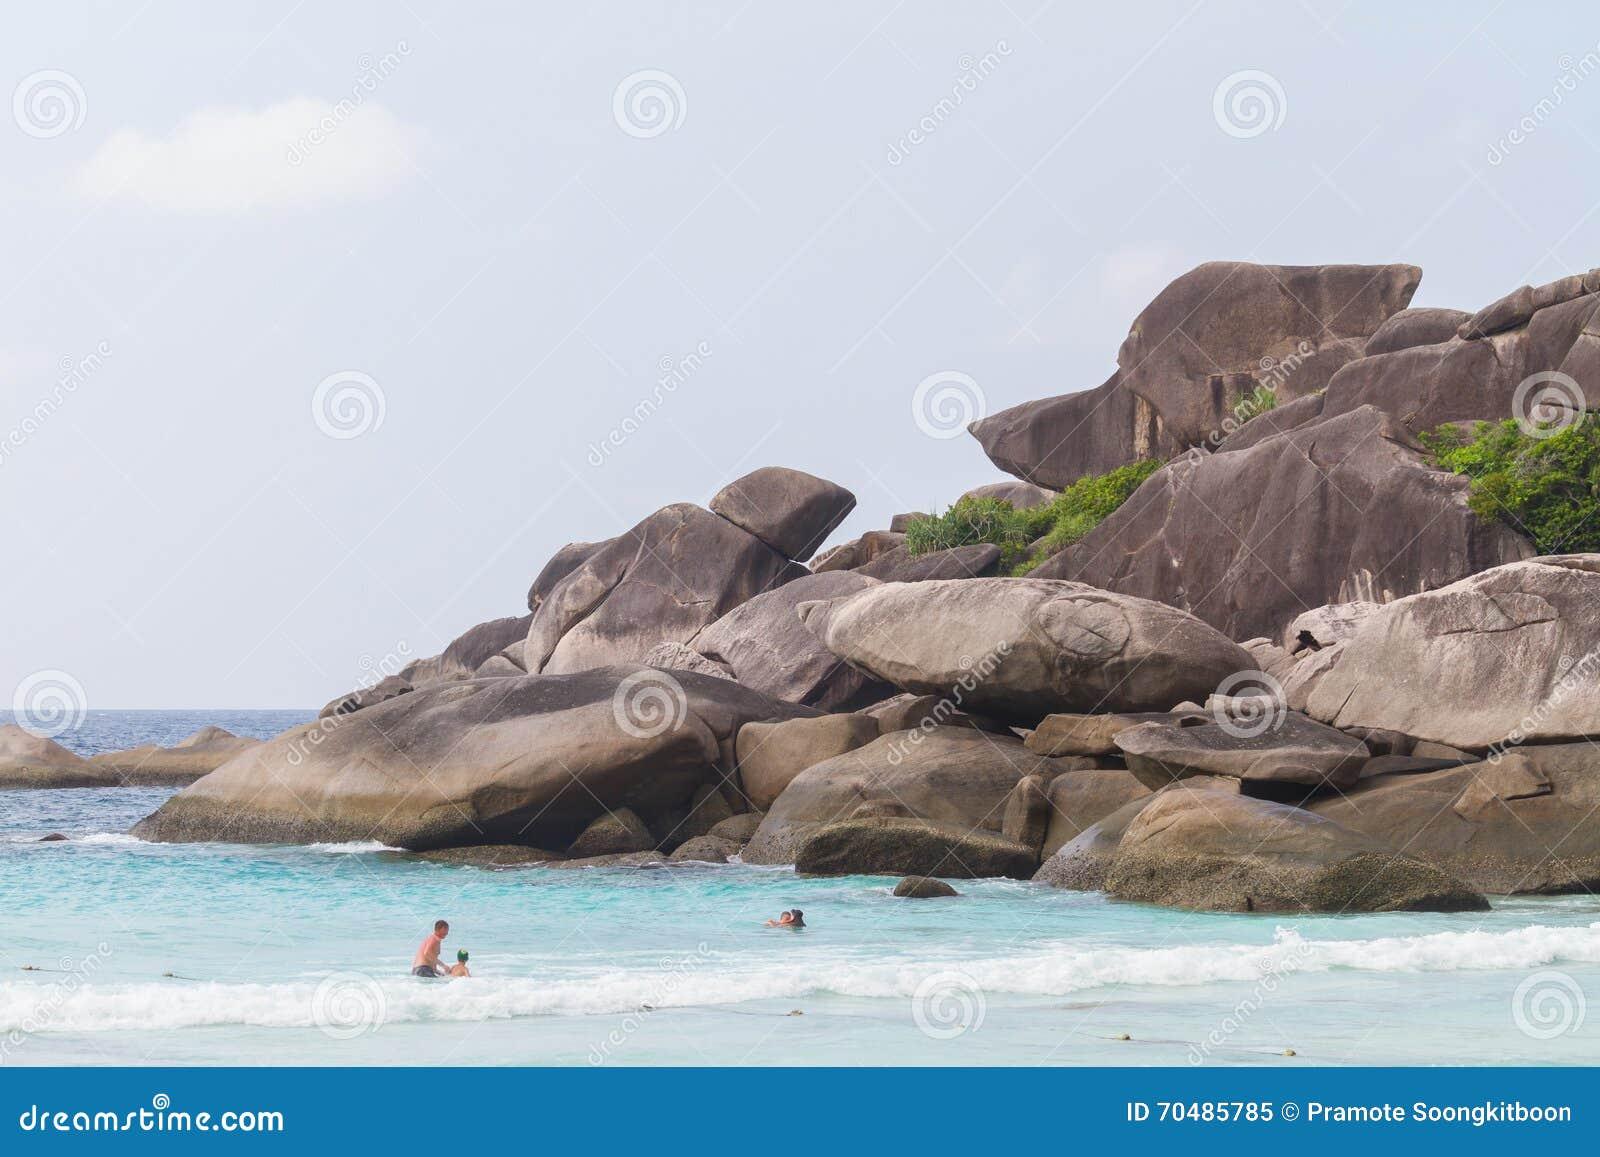 Similan Islands Beach Clean Up